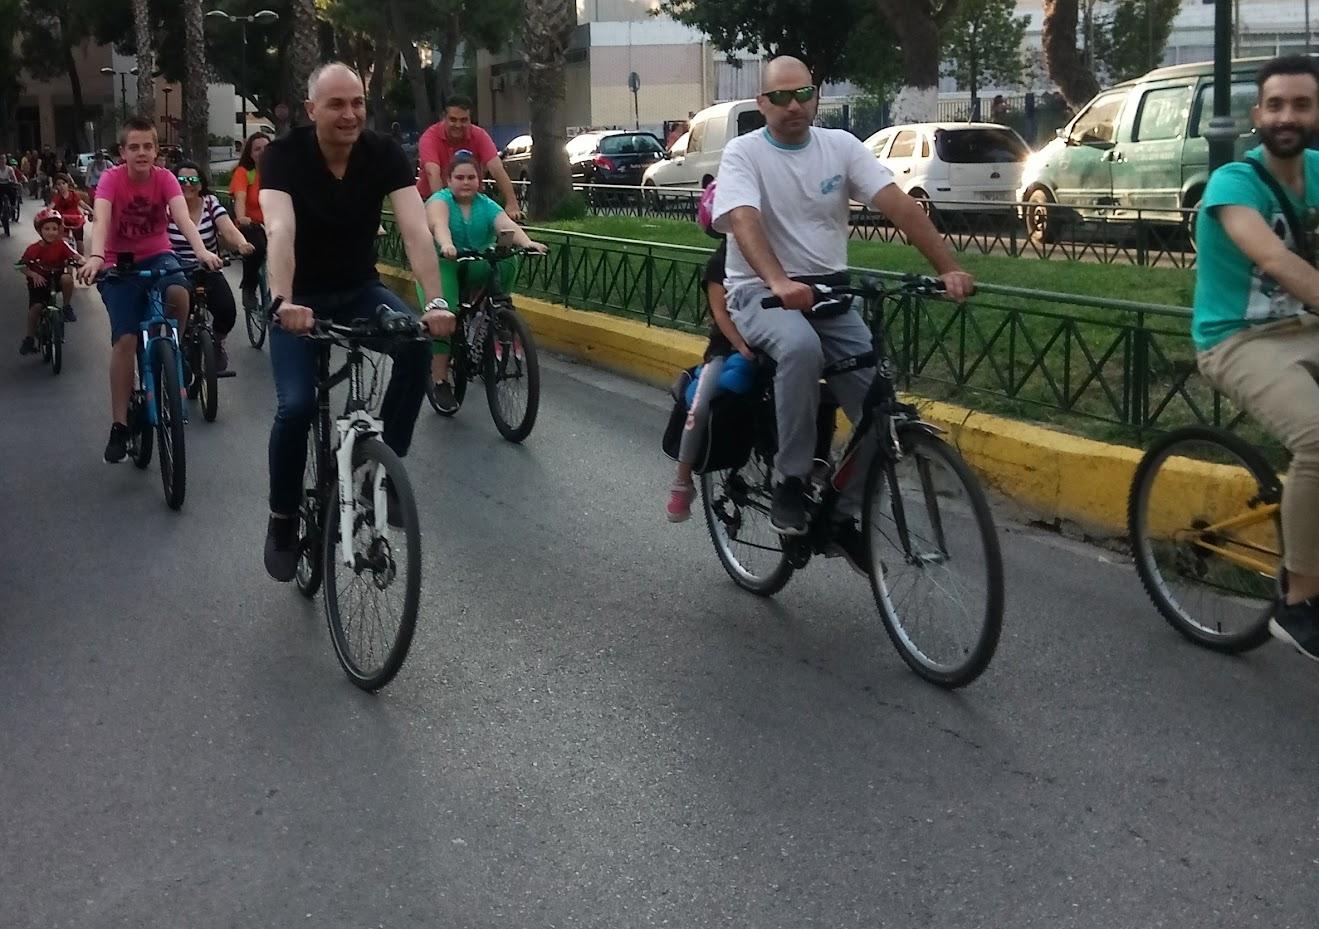 Ποδηλατική Βόλτα στο Δήμο Μεταμόρφωσης